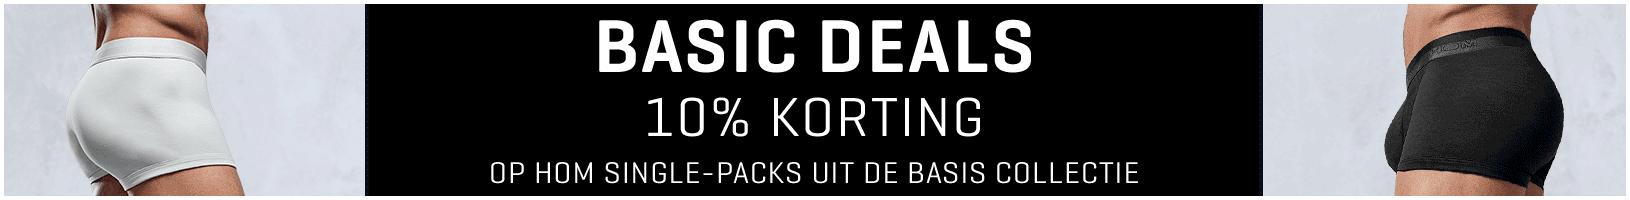 Basic Deals Hom